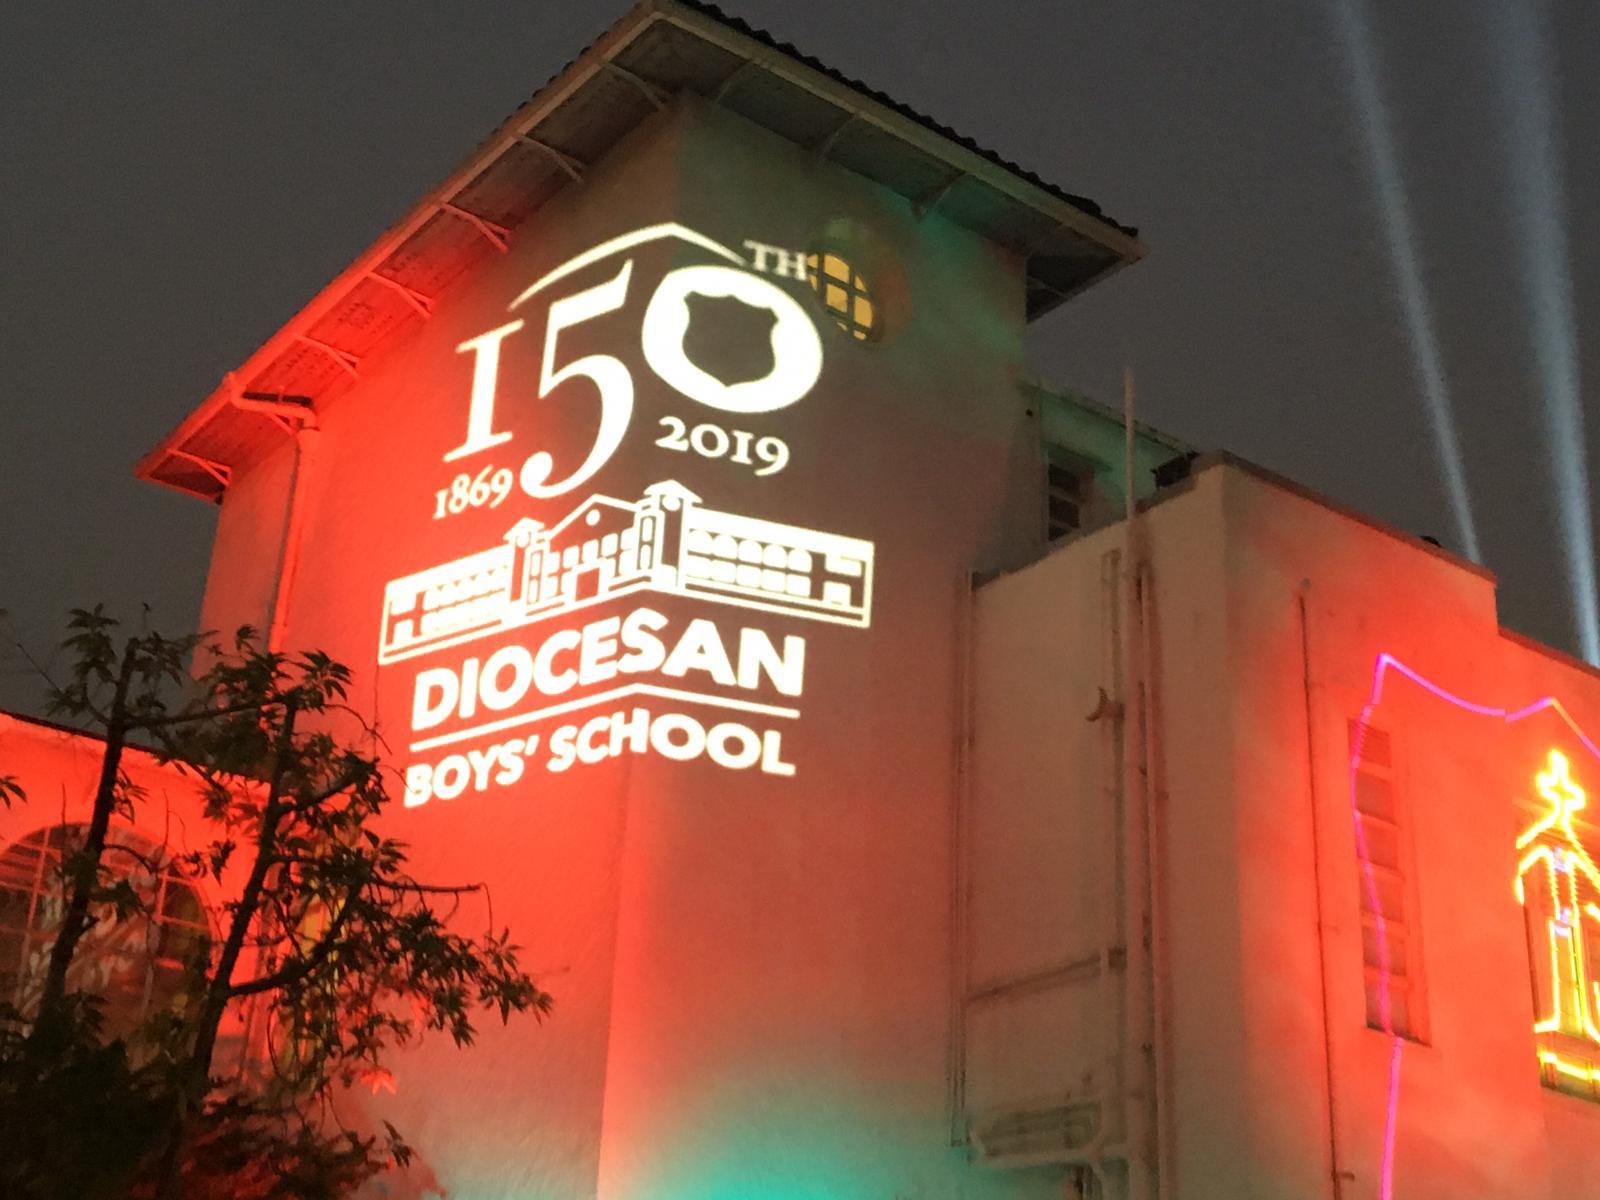 男拔150週年校慶將舉辦一連串慶祝活動